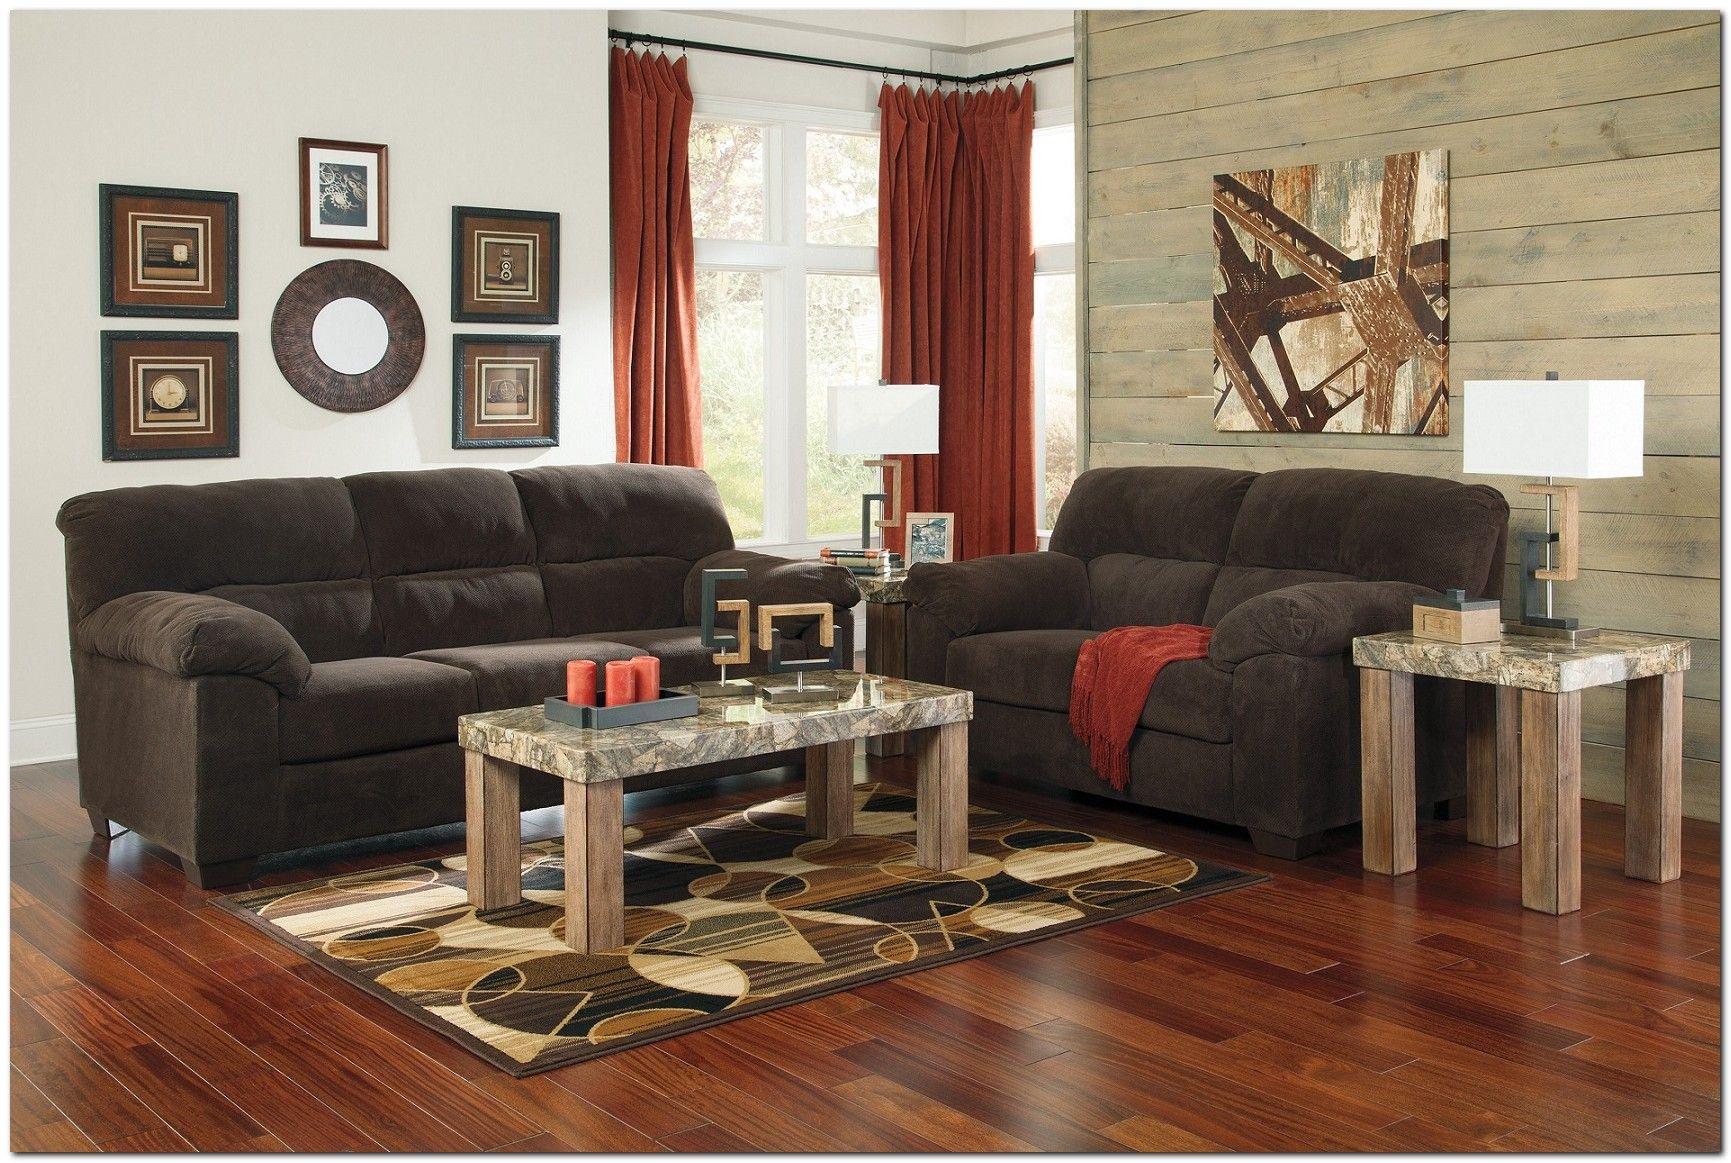 50 cozy living room setup on budget  the urban interior